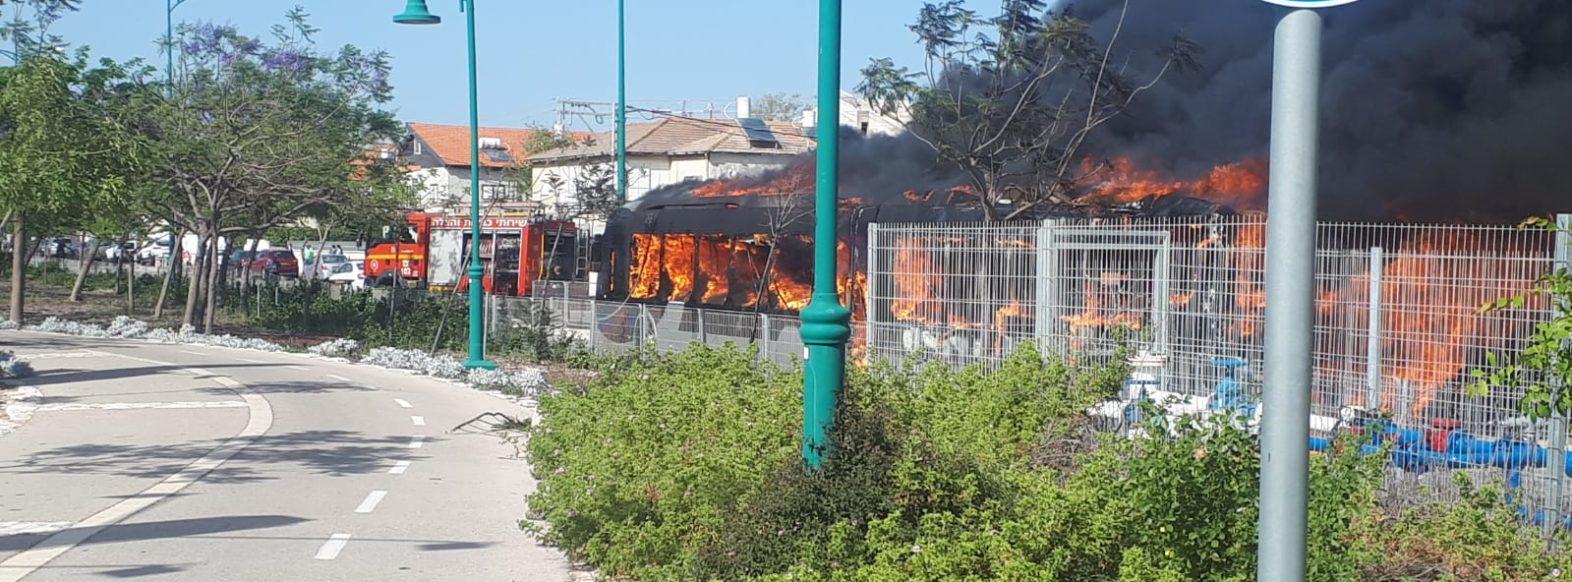 מטרונית עלתה באש בקריית חיים ככל הנראה עקב כשל במנוע